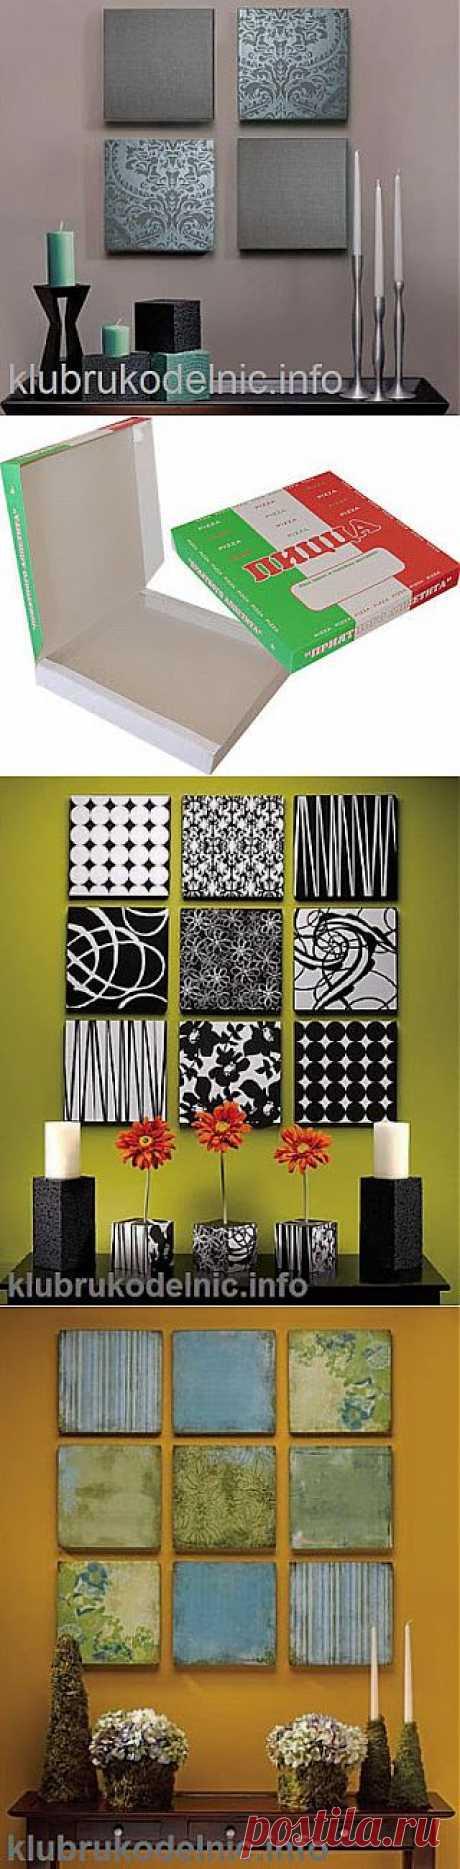 Блог о дизайне интерьера маленькой квартиры  -  коробки, - клей (лучше в спрее), - ножницы, - нож,  - двухстороннюю клейкую ленту для стены или крючки для подвешивания картин, - клеящий пистолет, - обои, красивая оберточная бумага или ткань.